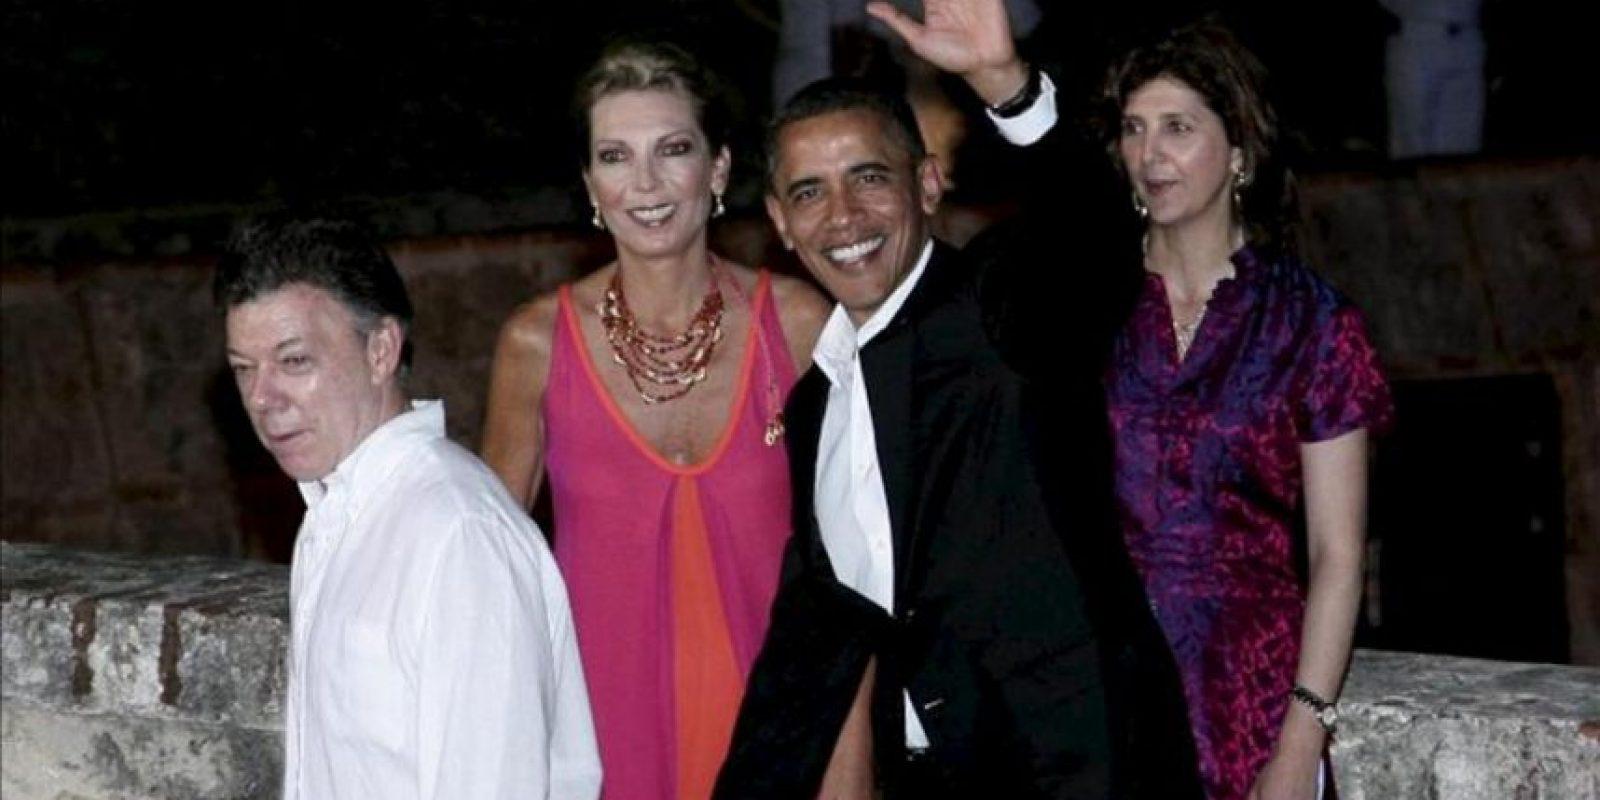 Fotografía cedida por la Presidencia de Colombia del mandatario de Estados Unidos, Barack Obama (d), llegando a la cena ofrecida en el castillo de San Felipe por el presidente de Colombia, Juan Manuel Santos (i), a los gobernantes de la VI Cumbre de las Américas. EFE